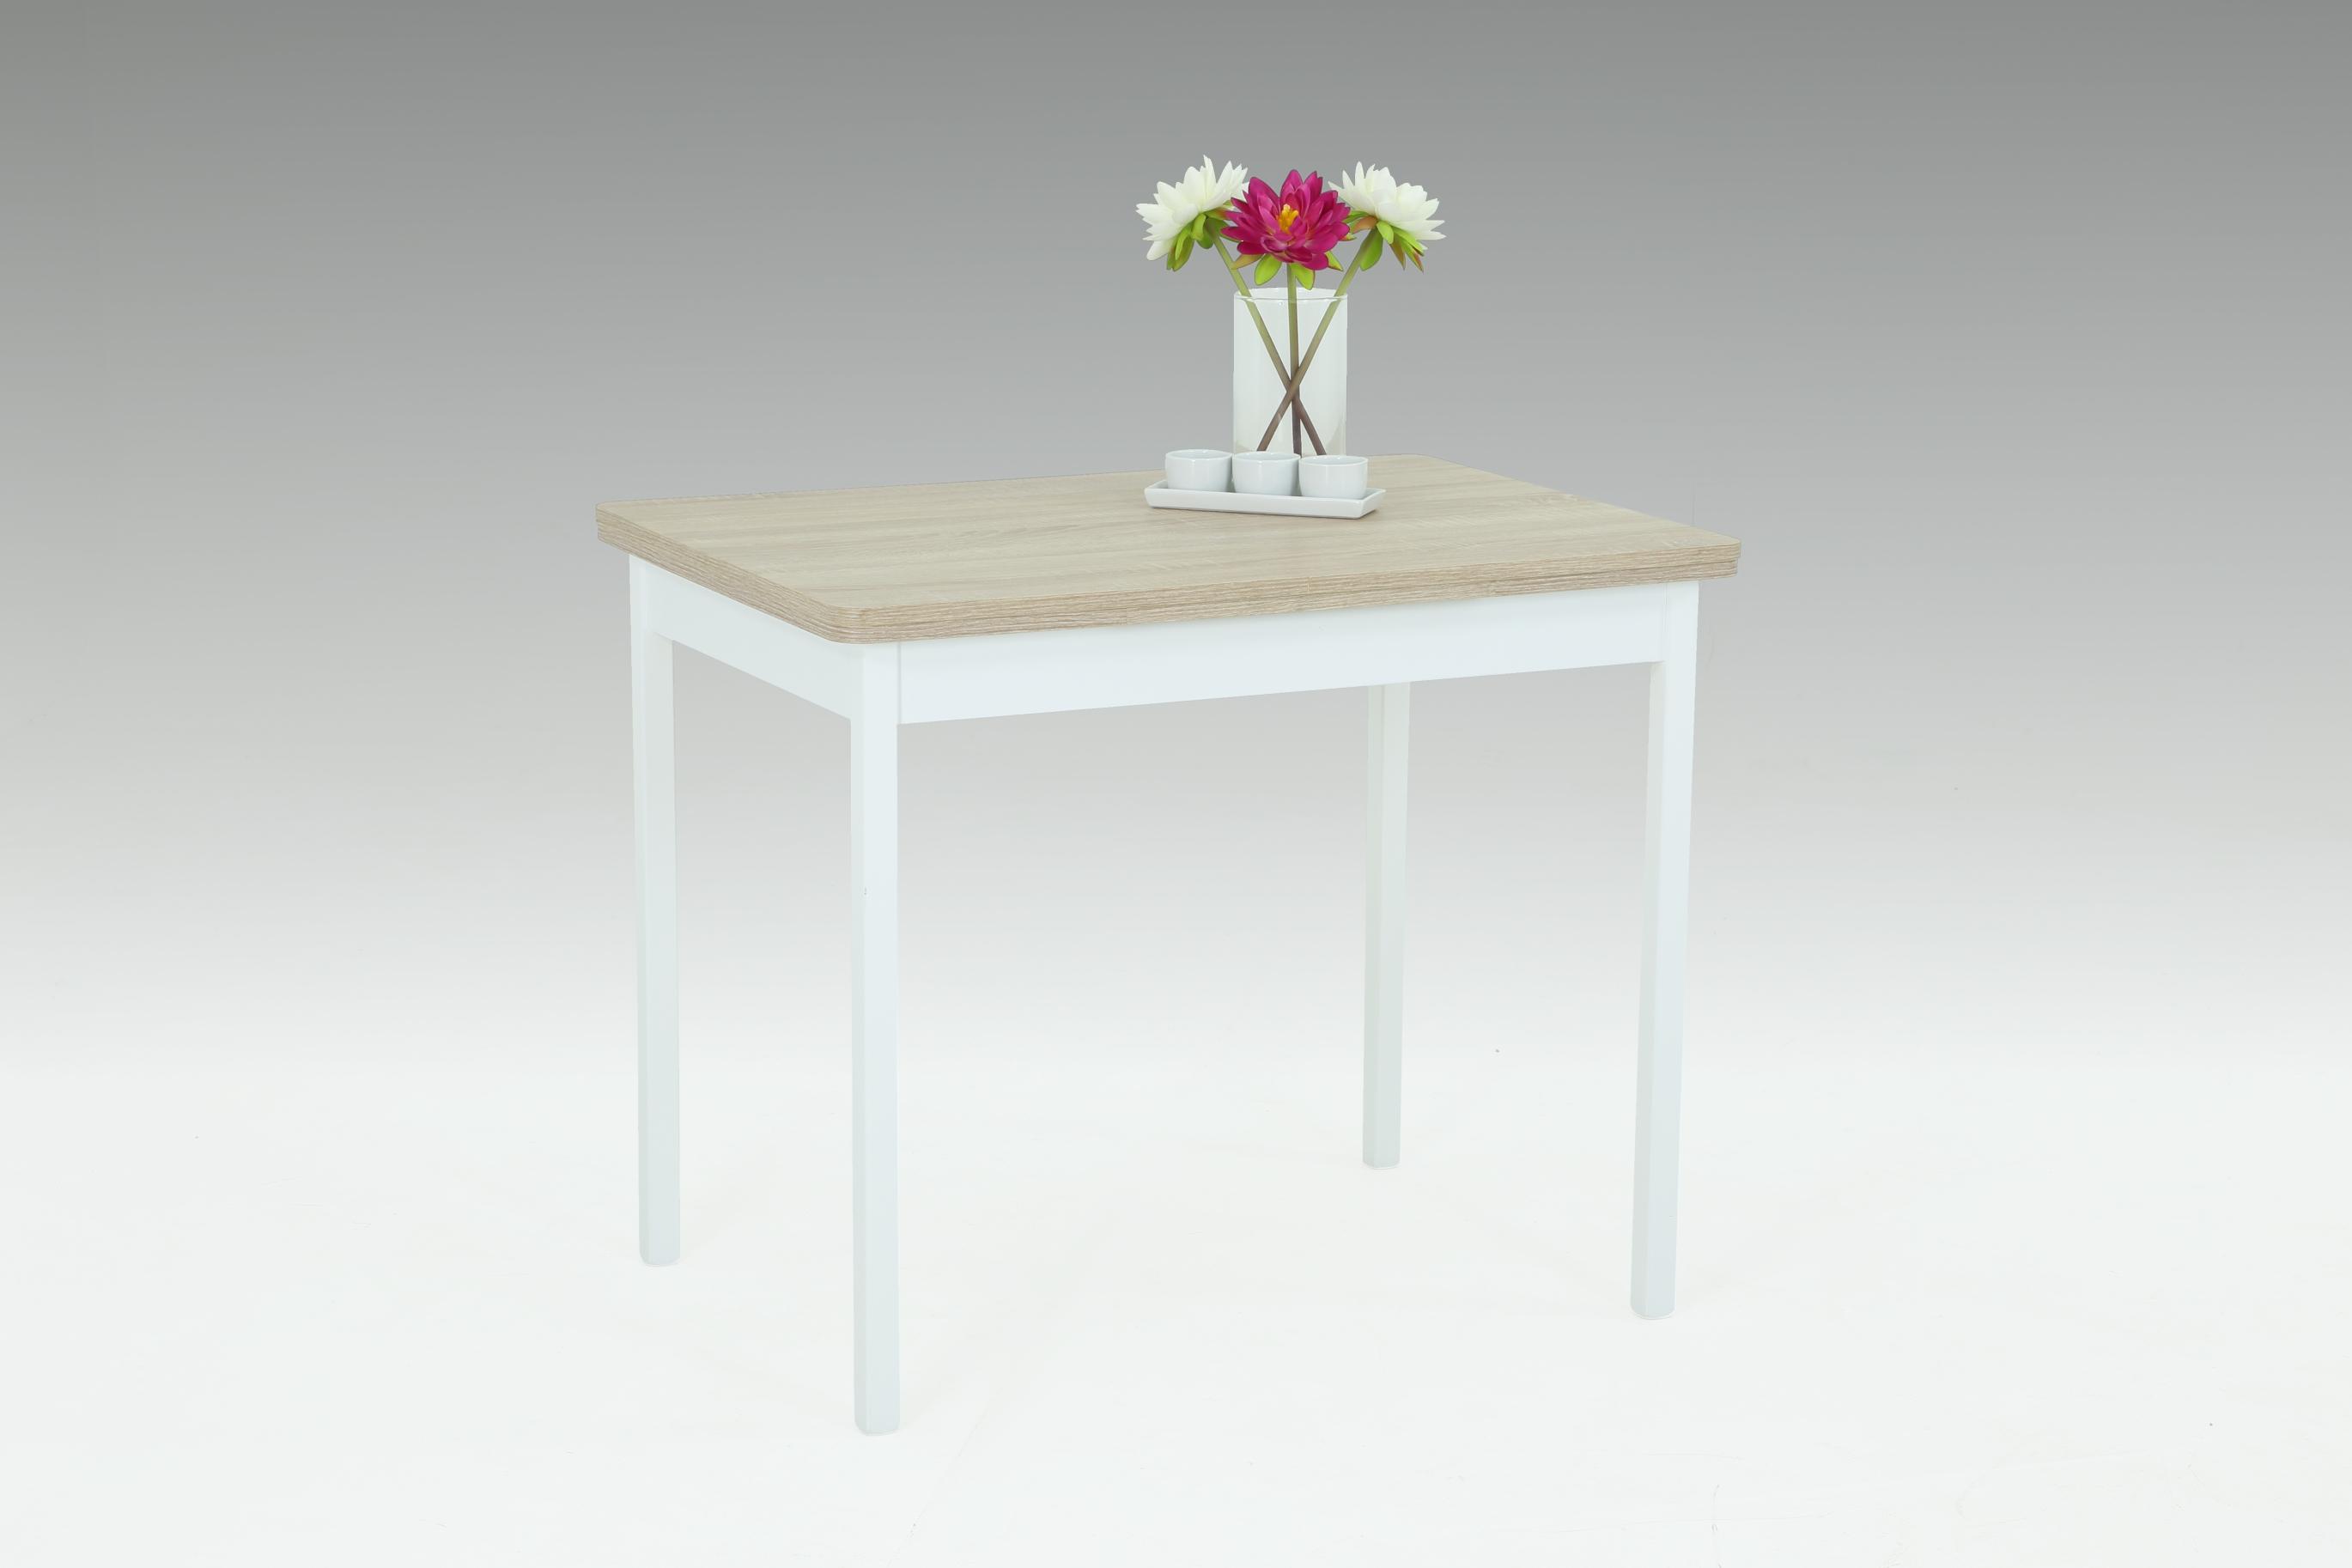 90-142x65 cm Esstisch Küchentisch Tisch Kiel I 63/13 ausziehbar